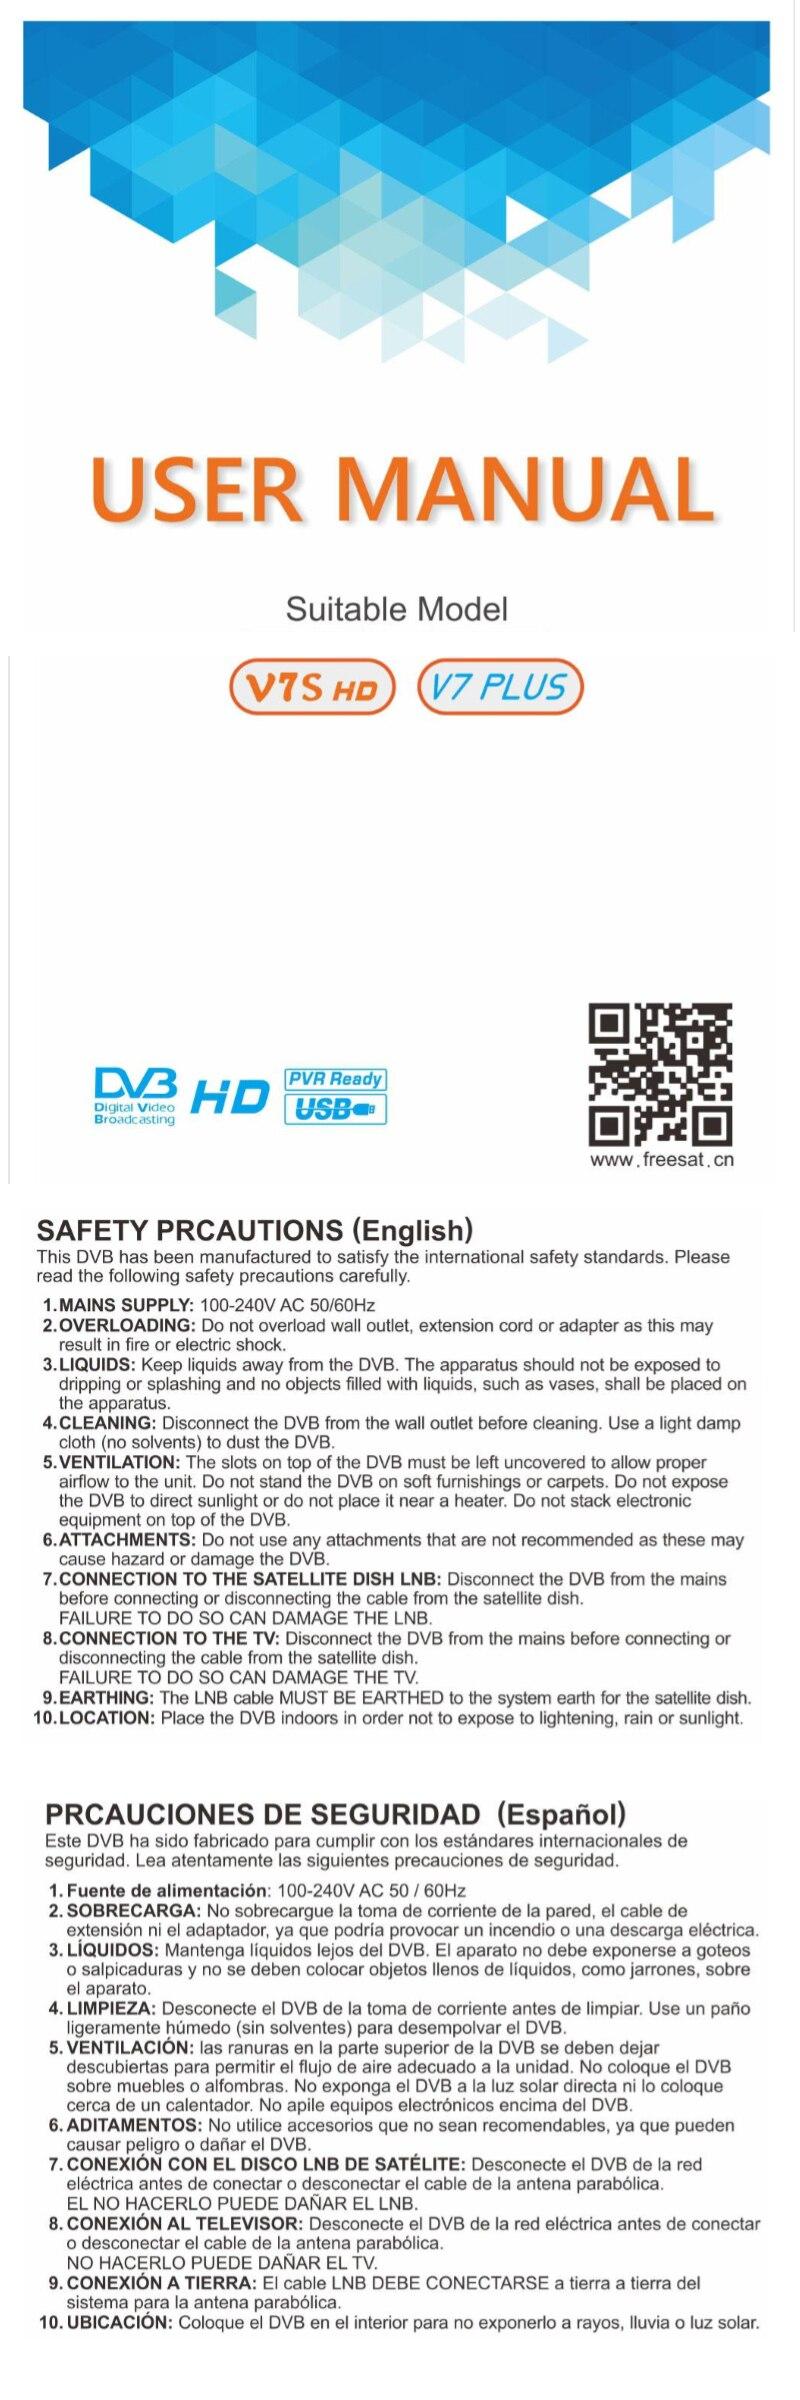 v7 plus use manual 1